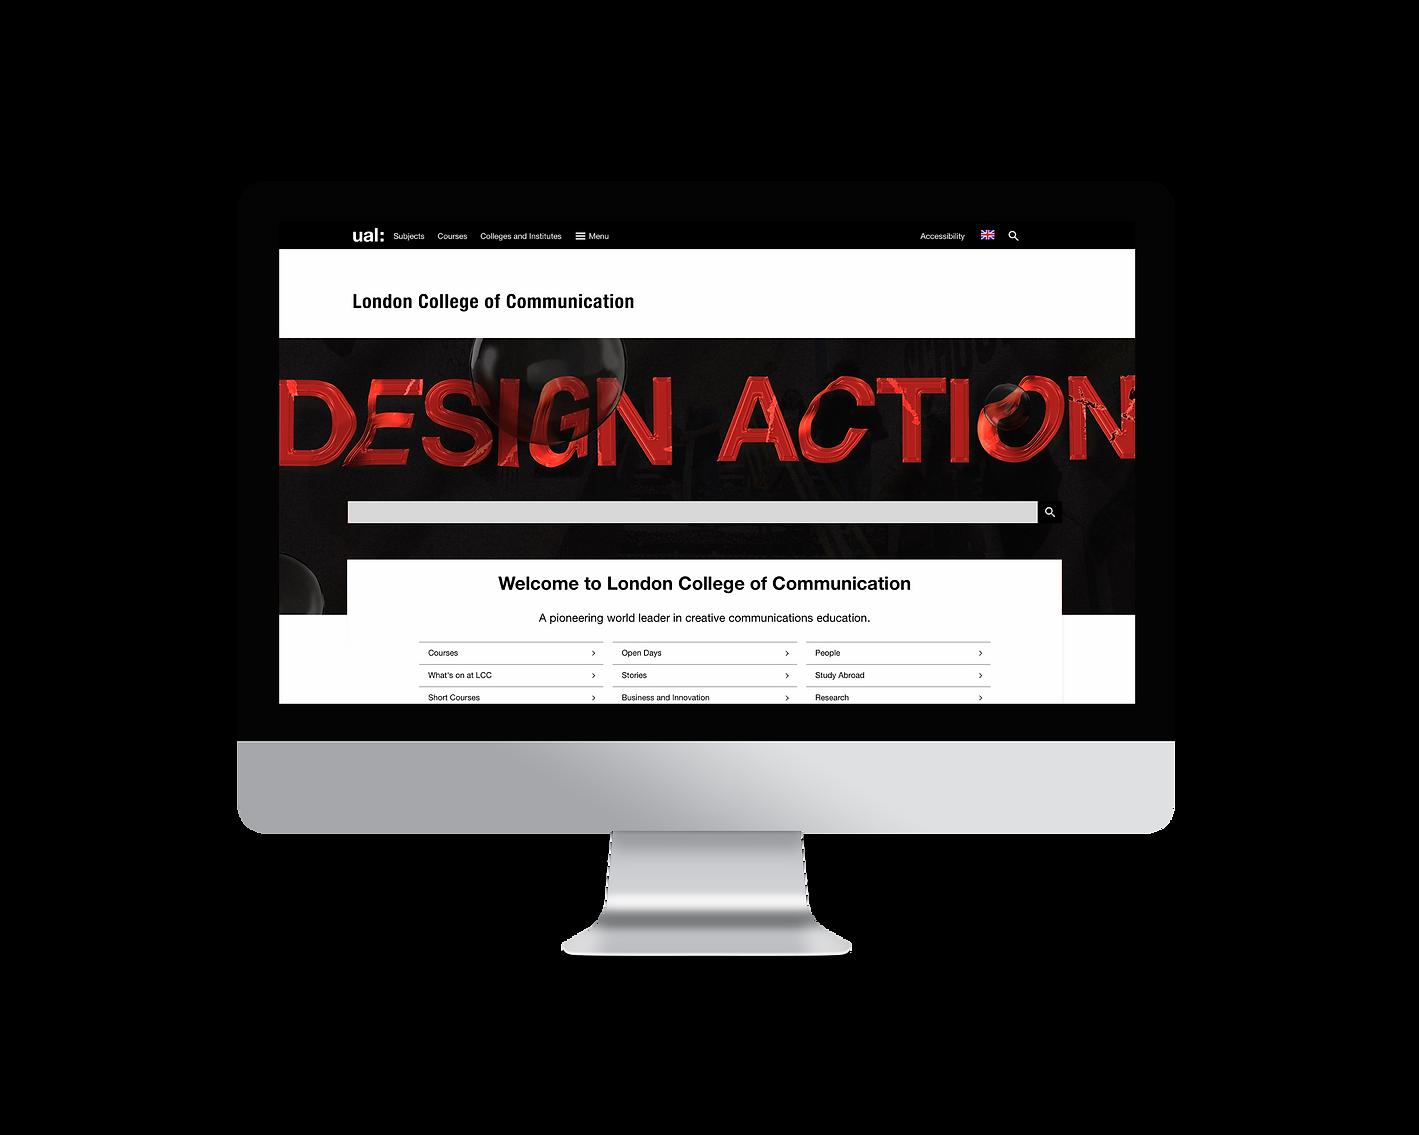 WebsiteScreen-NOSHADOW.png